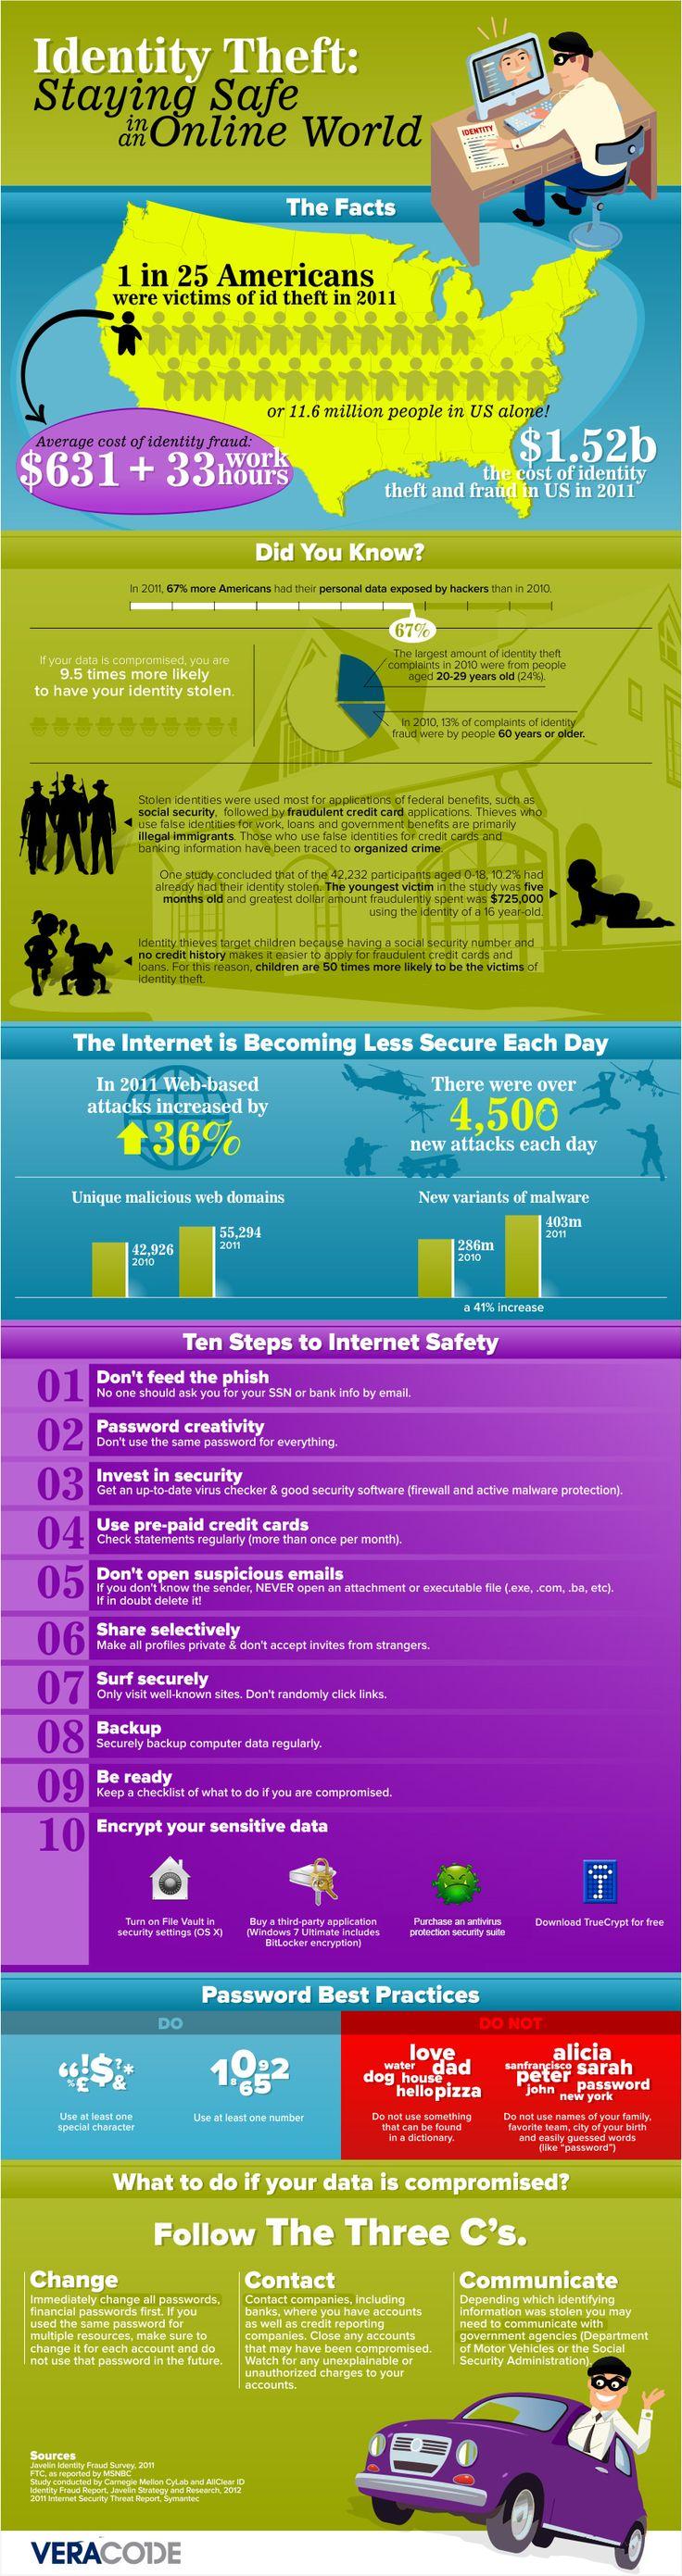 Identity Theft: Keeping Safe i